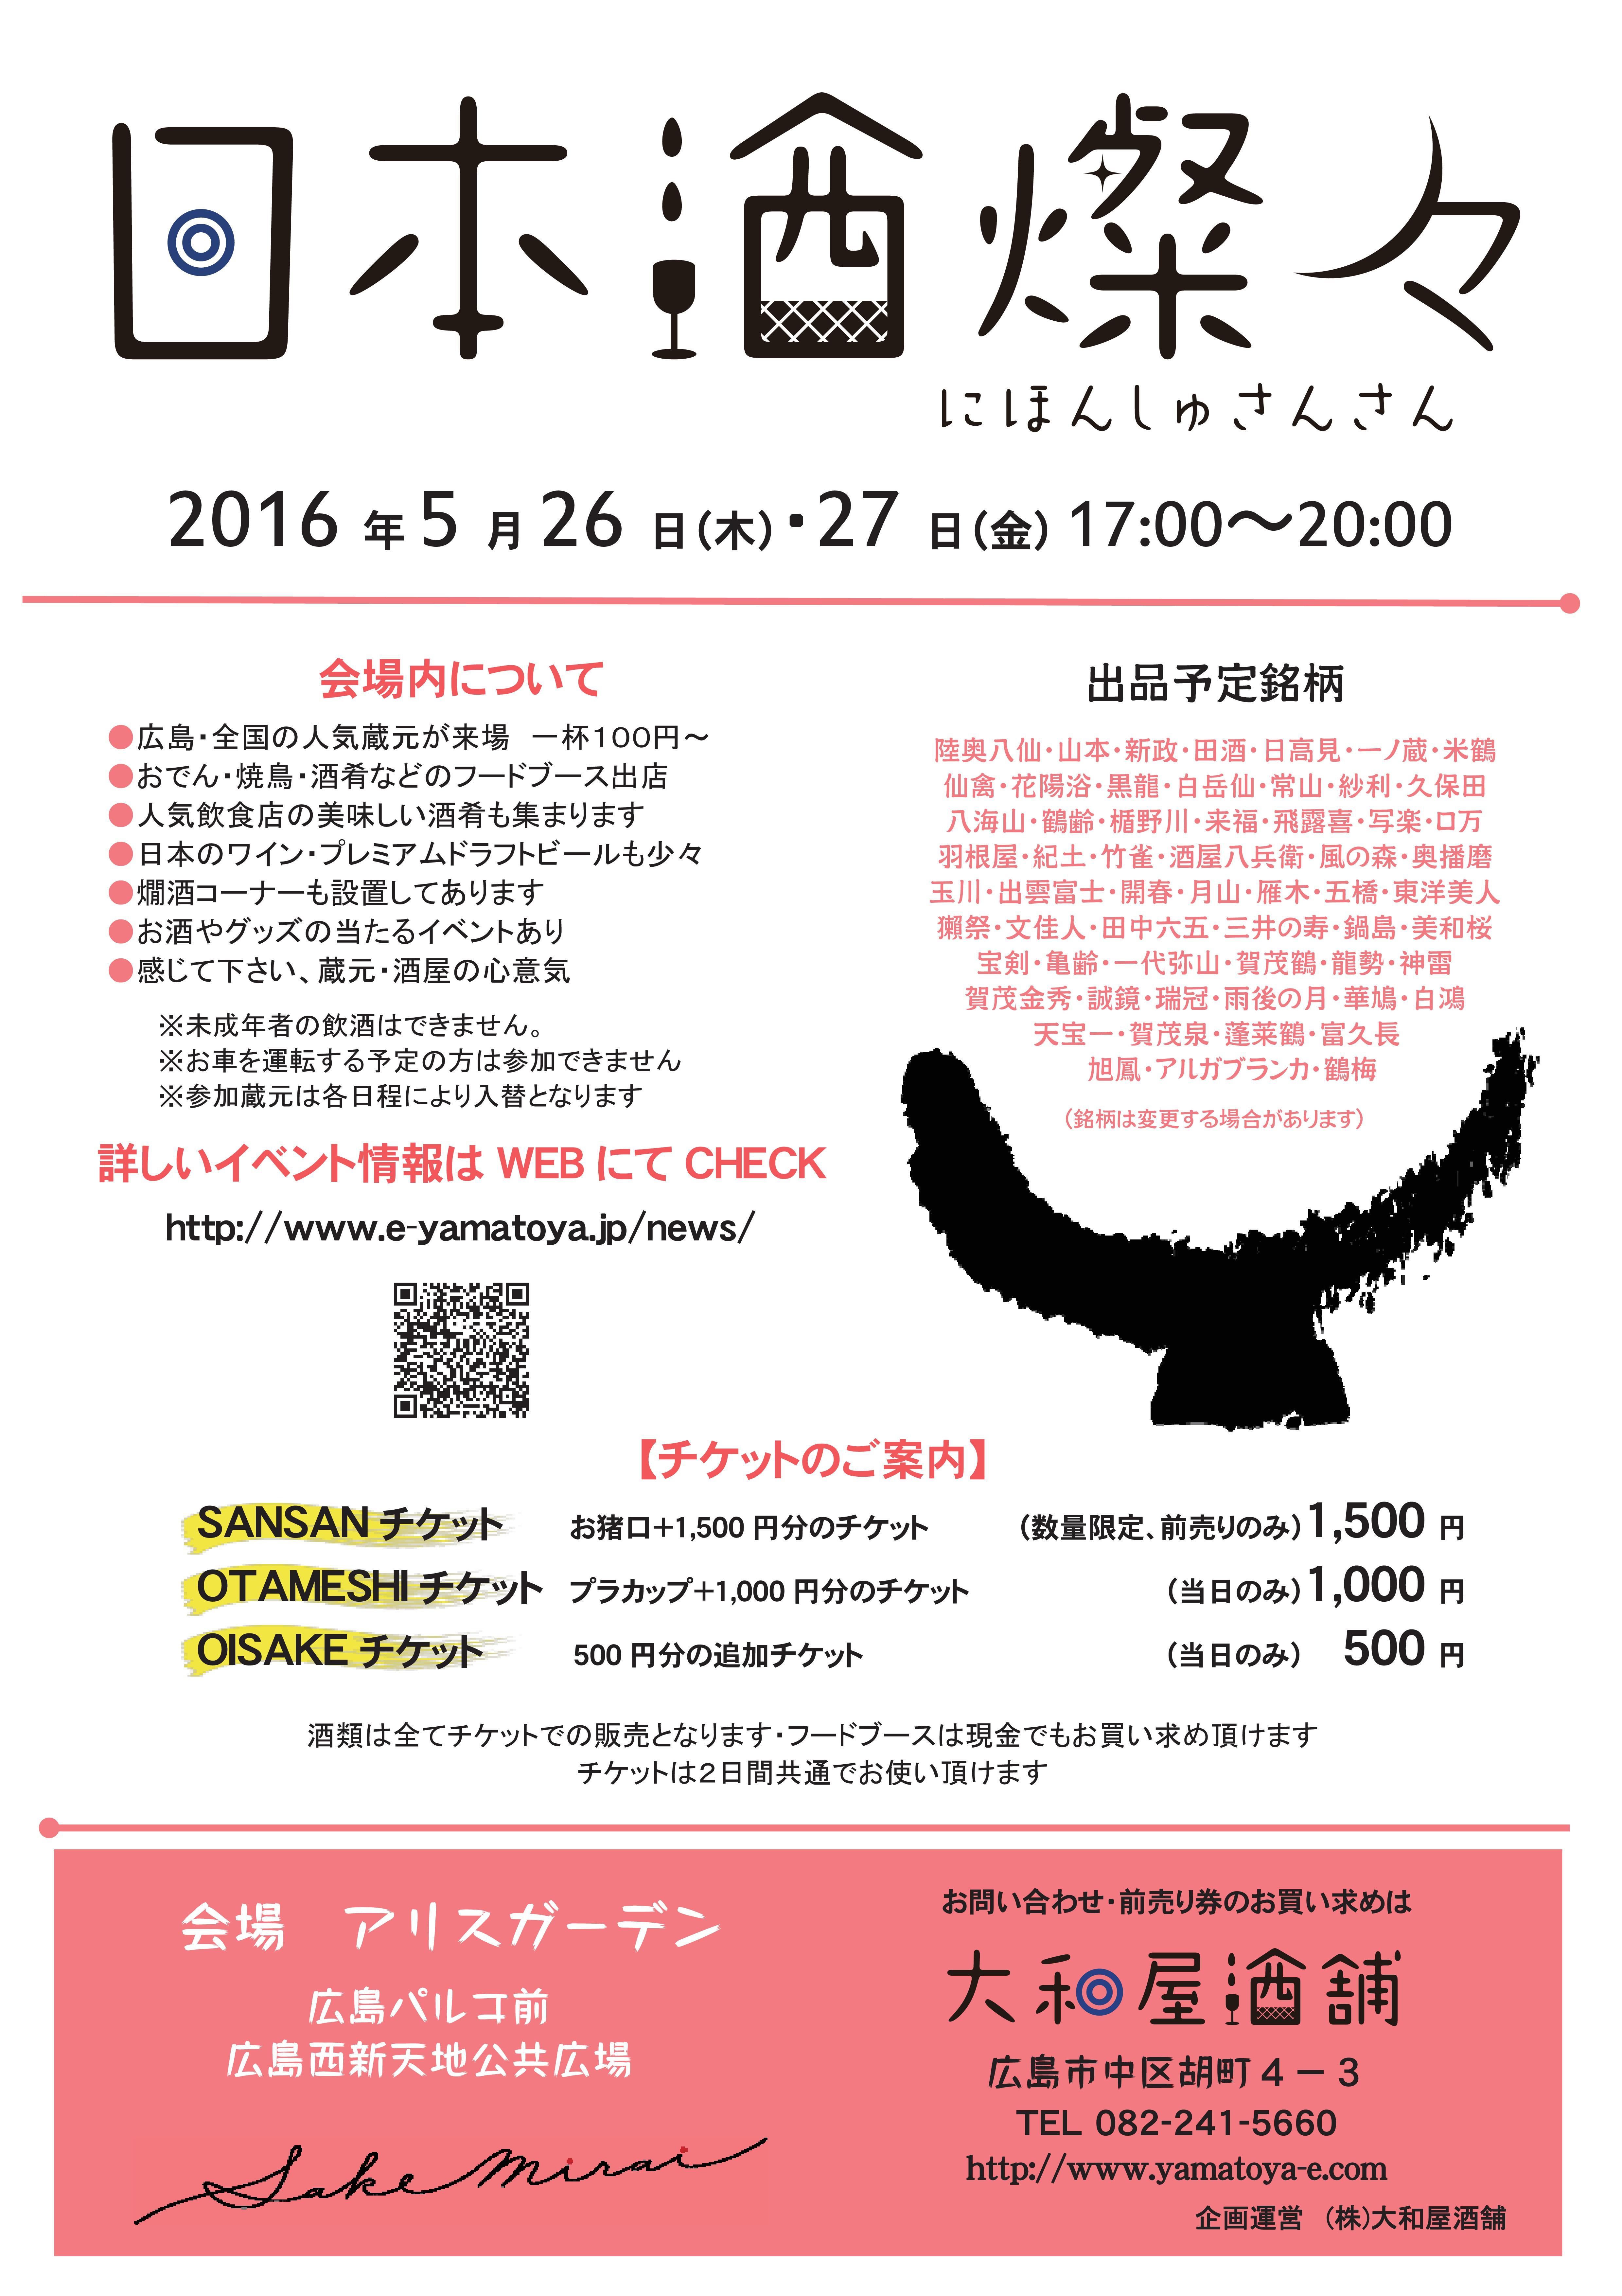 日本酒燦々2016 チラシ